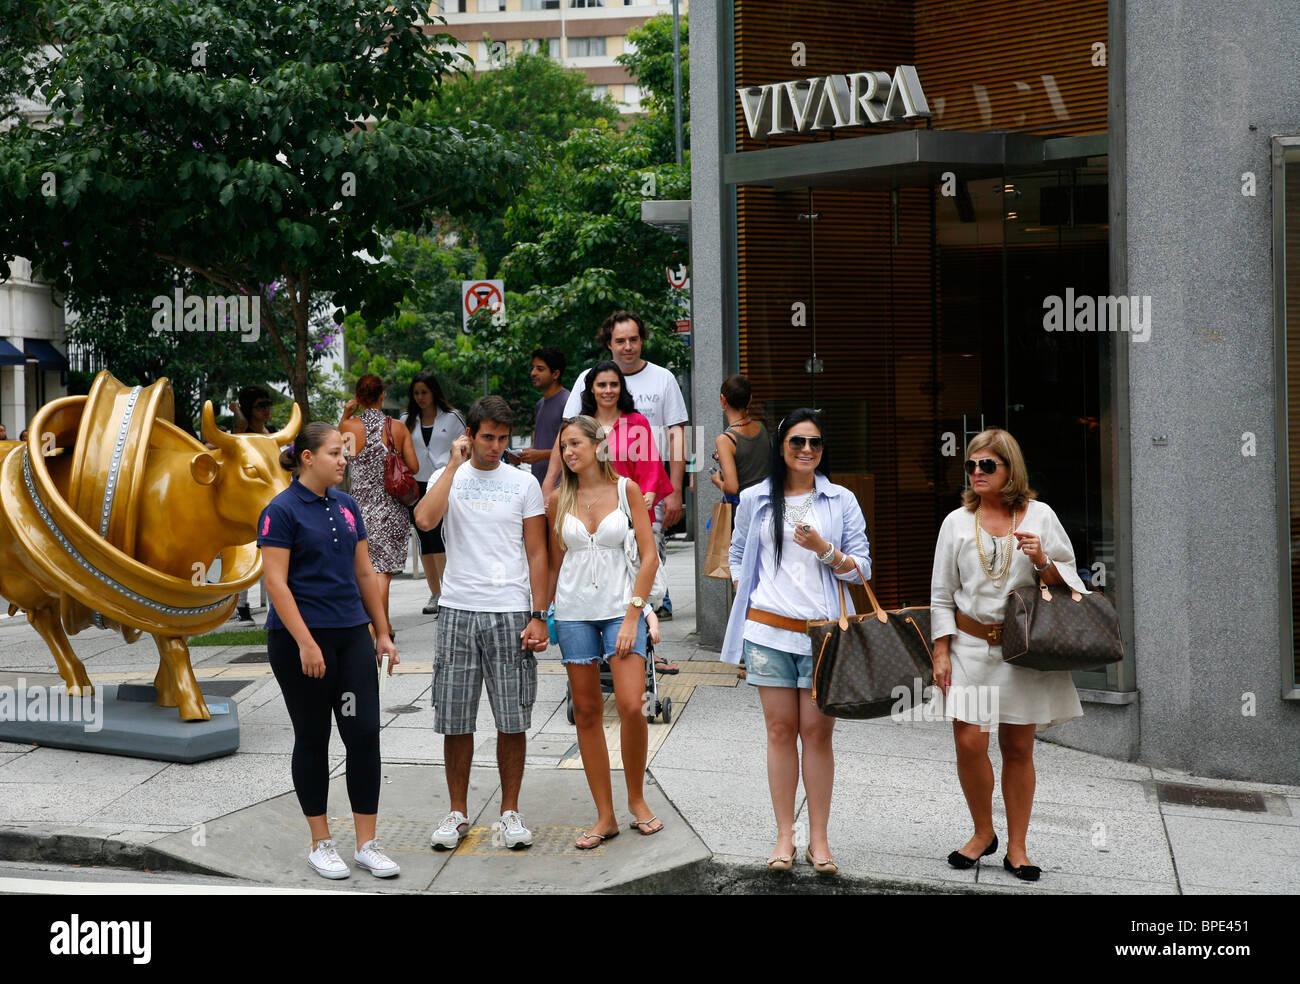 Les gens sur la rue Rua Oscar Freire, Sao Paulo, Brésil. Photo Stock